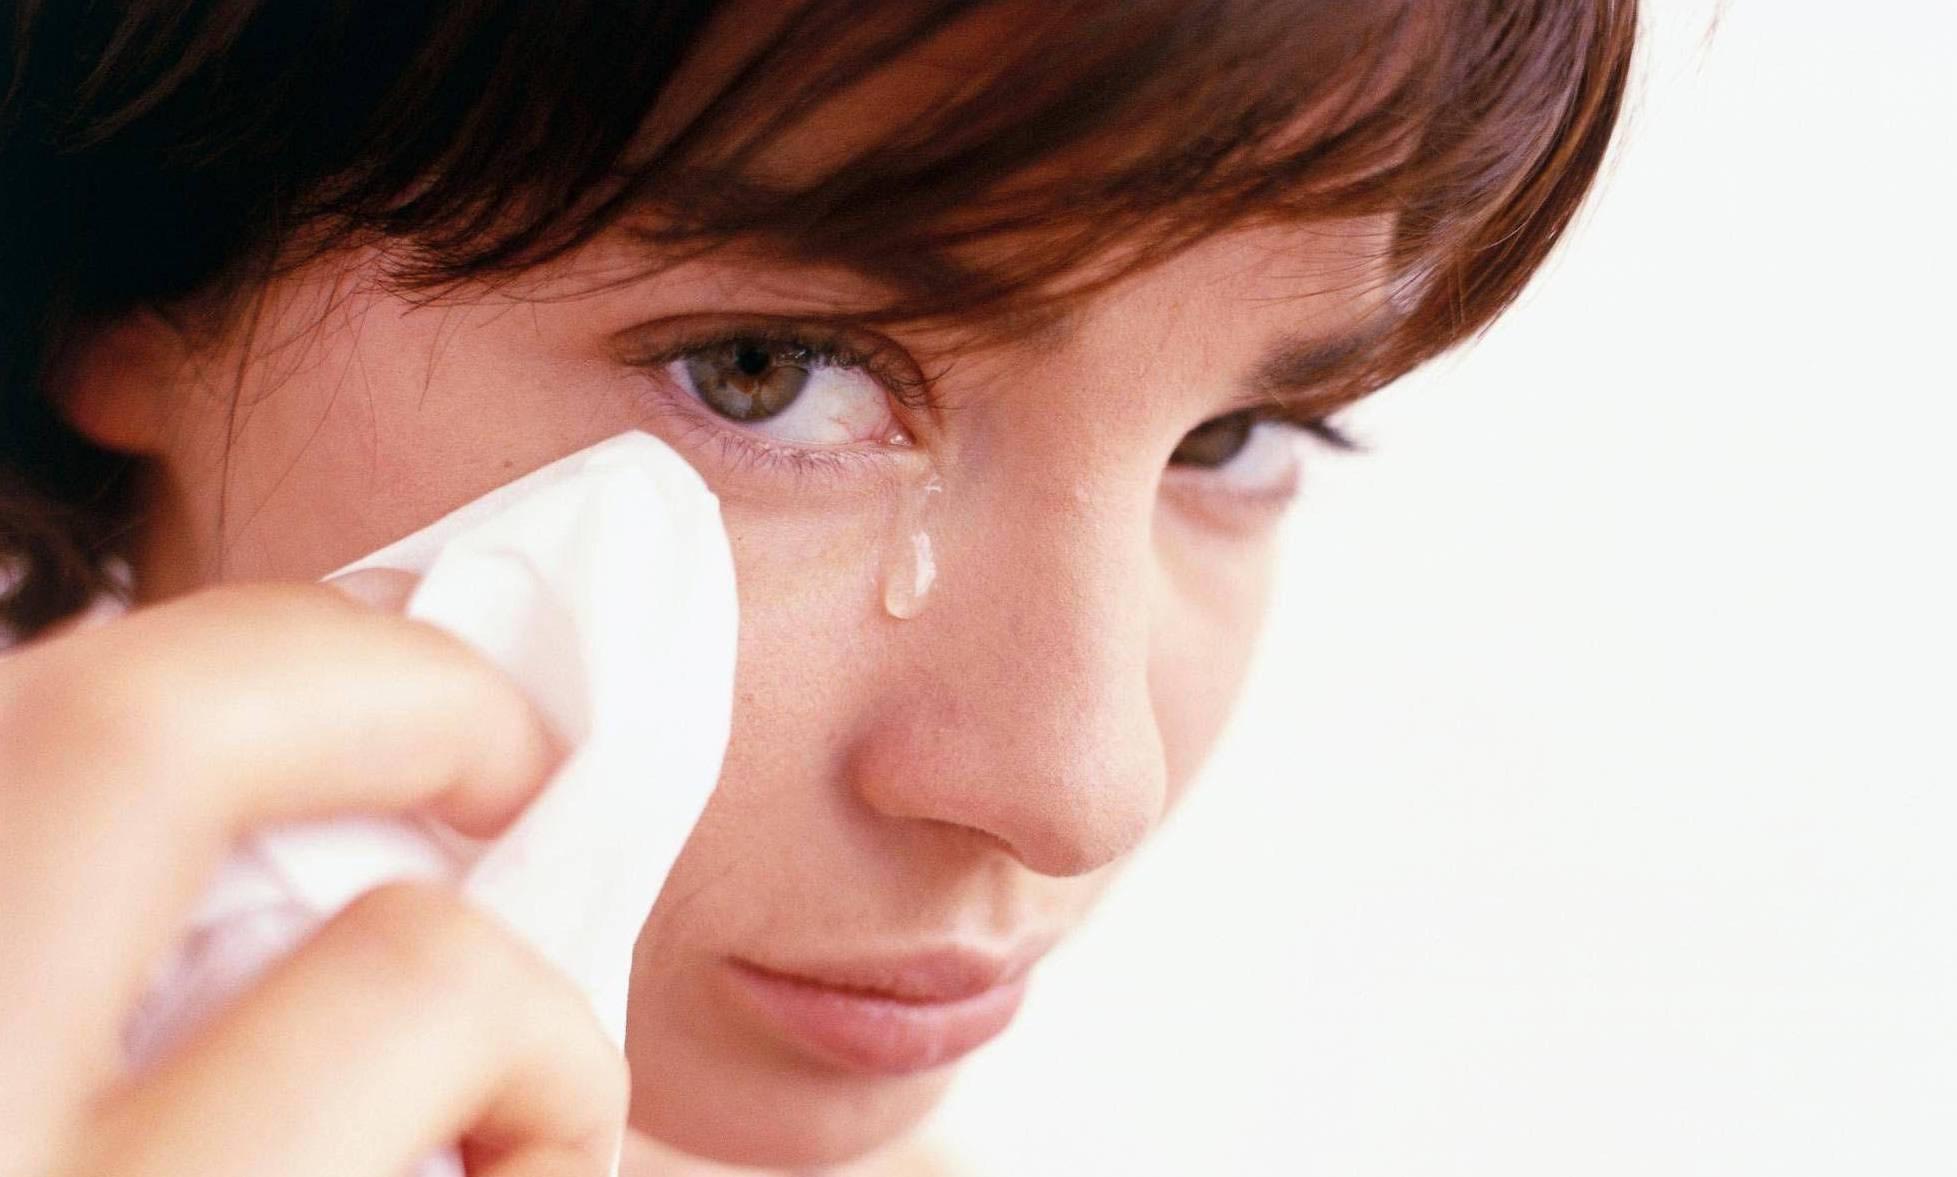 Как спастись от столь неприятных симптомов? если постоянно слезится один глаз: что делать